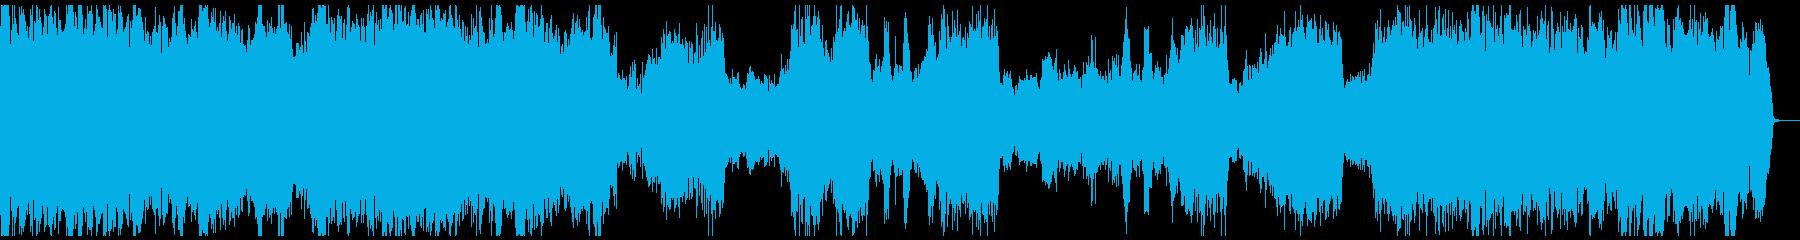 BWV1066/1『序曲』バッハの再生済みの波形